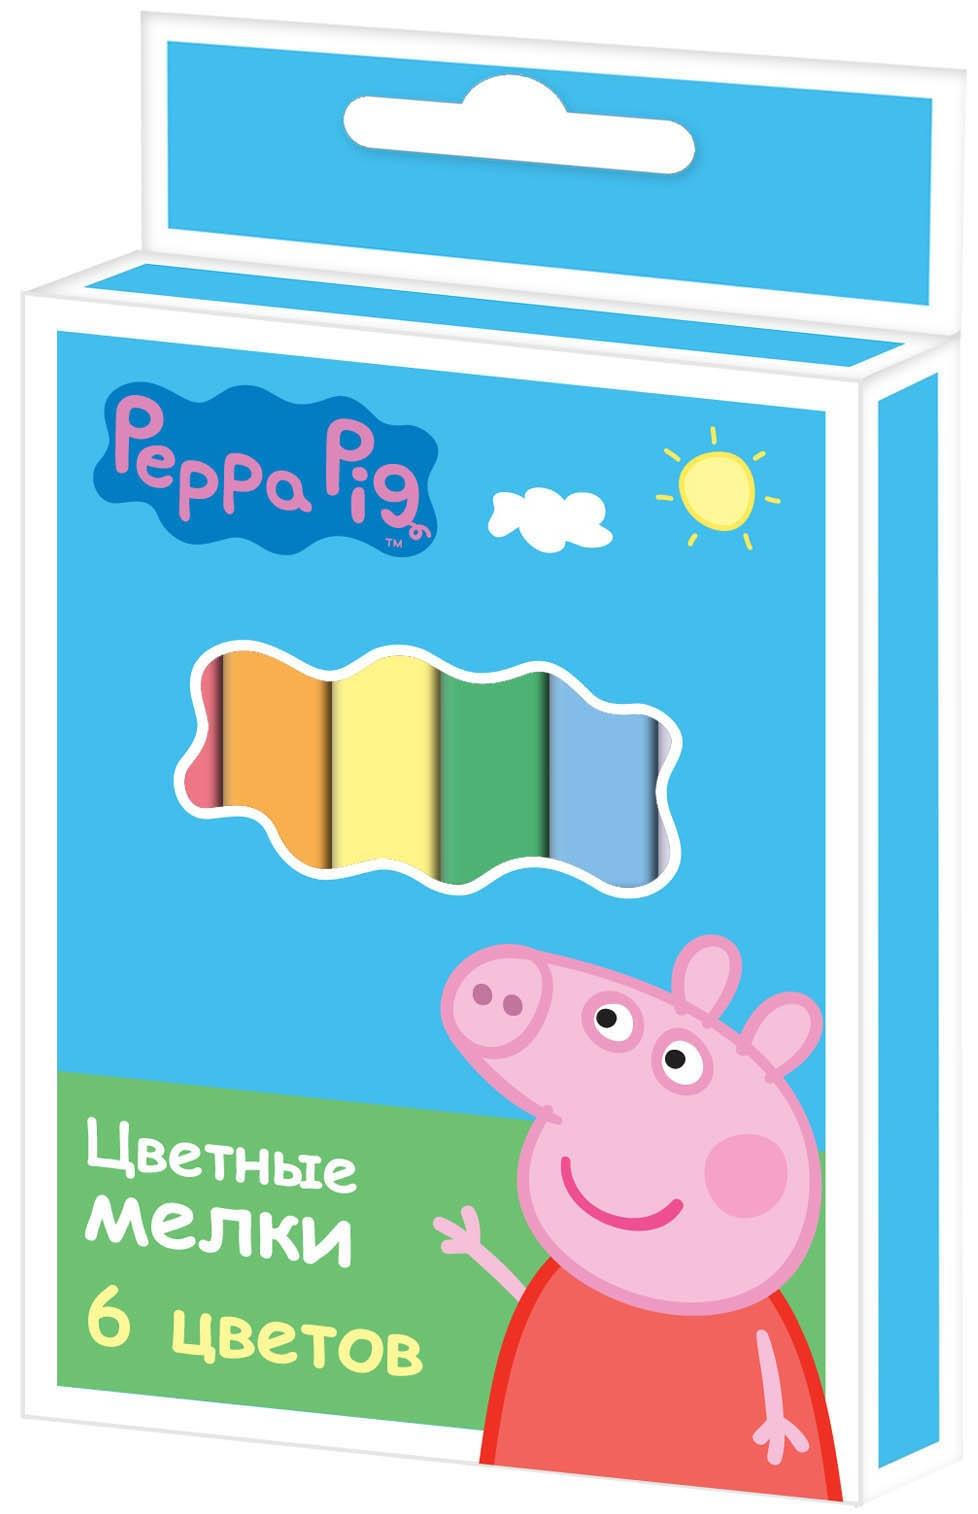 Купить Набор цветных мелков Peppa Pig «Свинка Пеппа» 6 цв., Китай